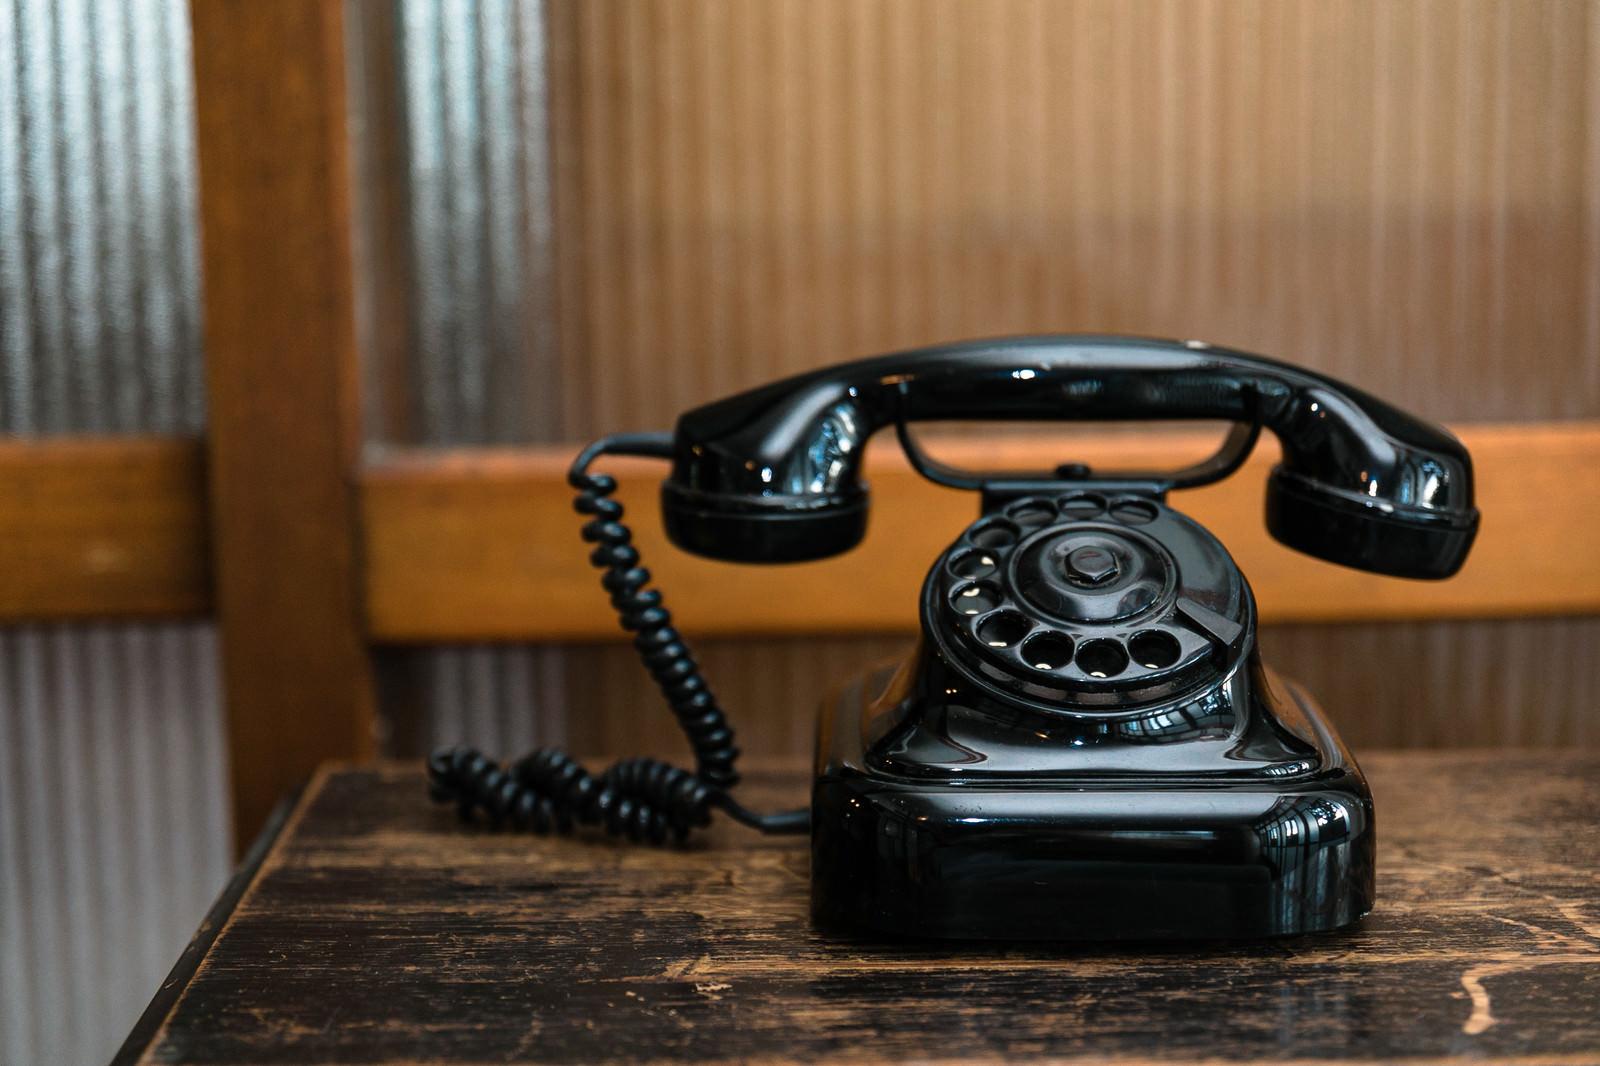 「ダイヤル式電話機 (黒電話)」の写真